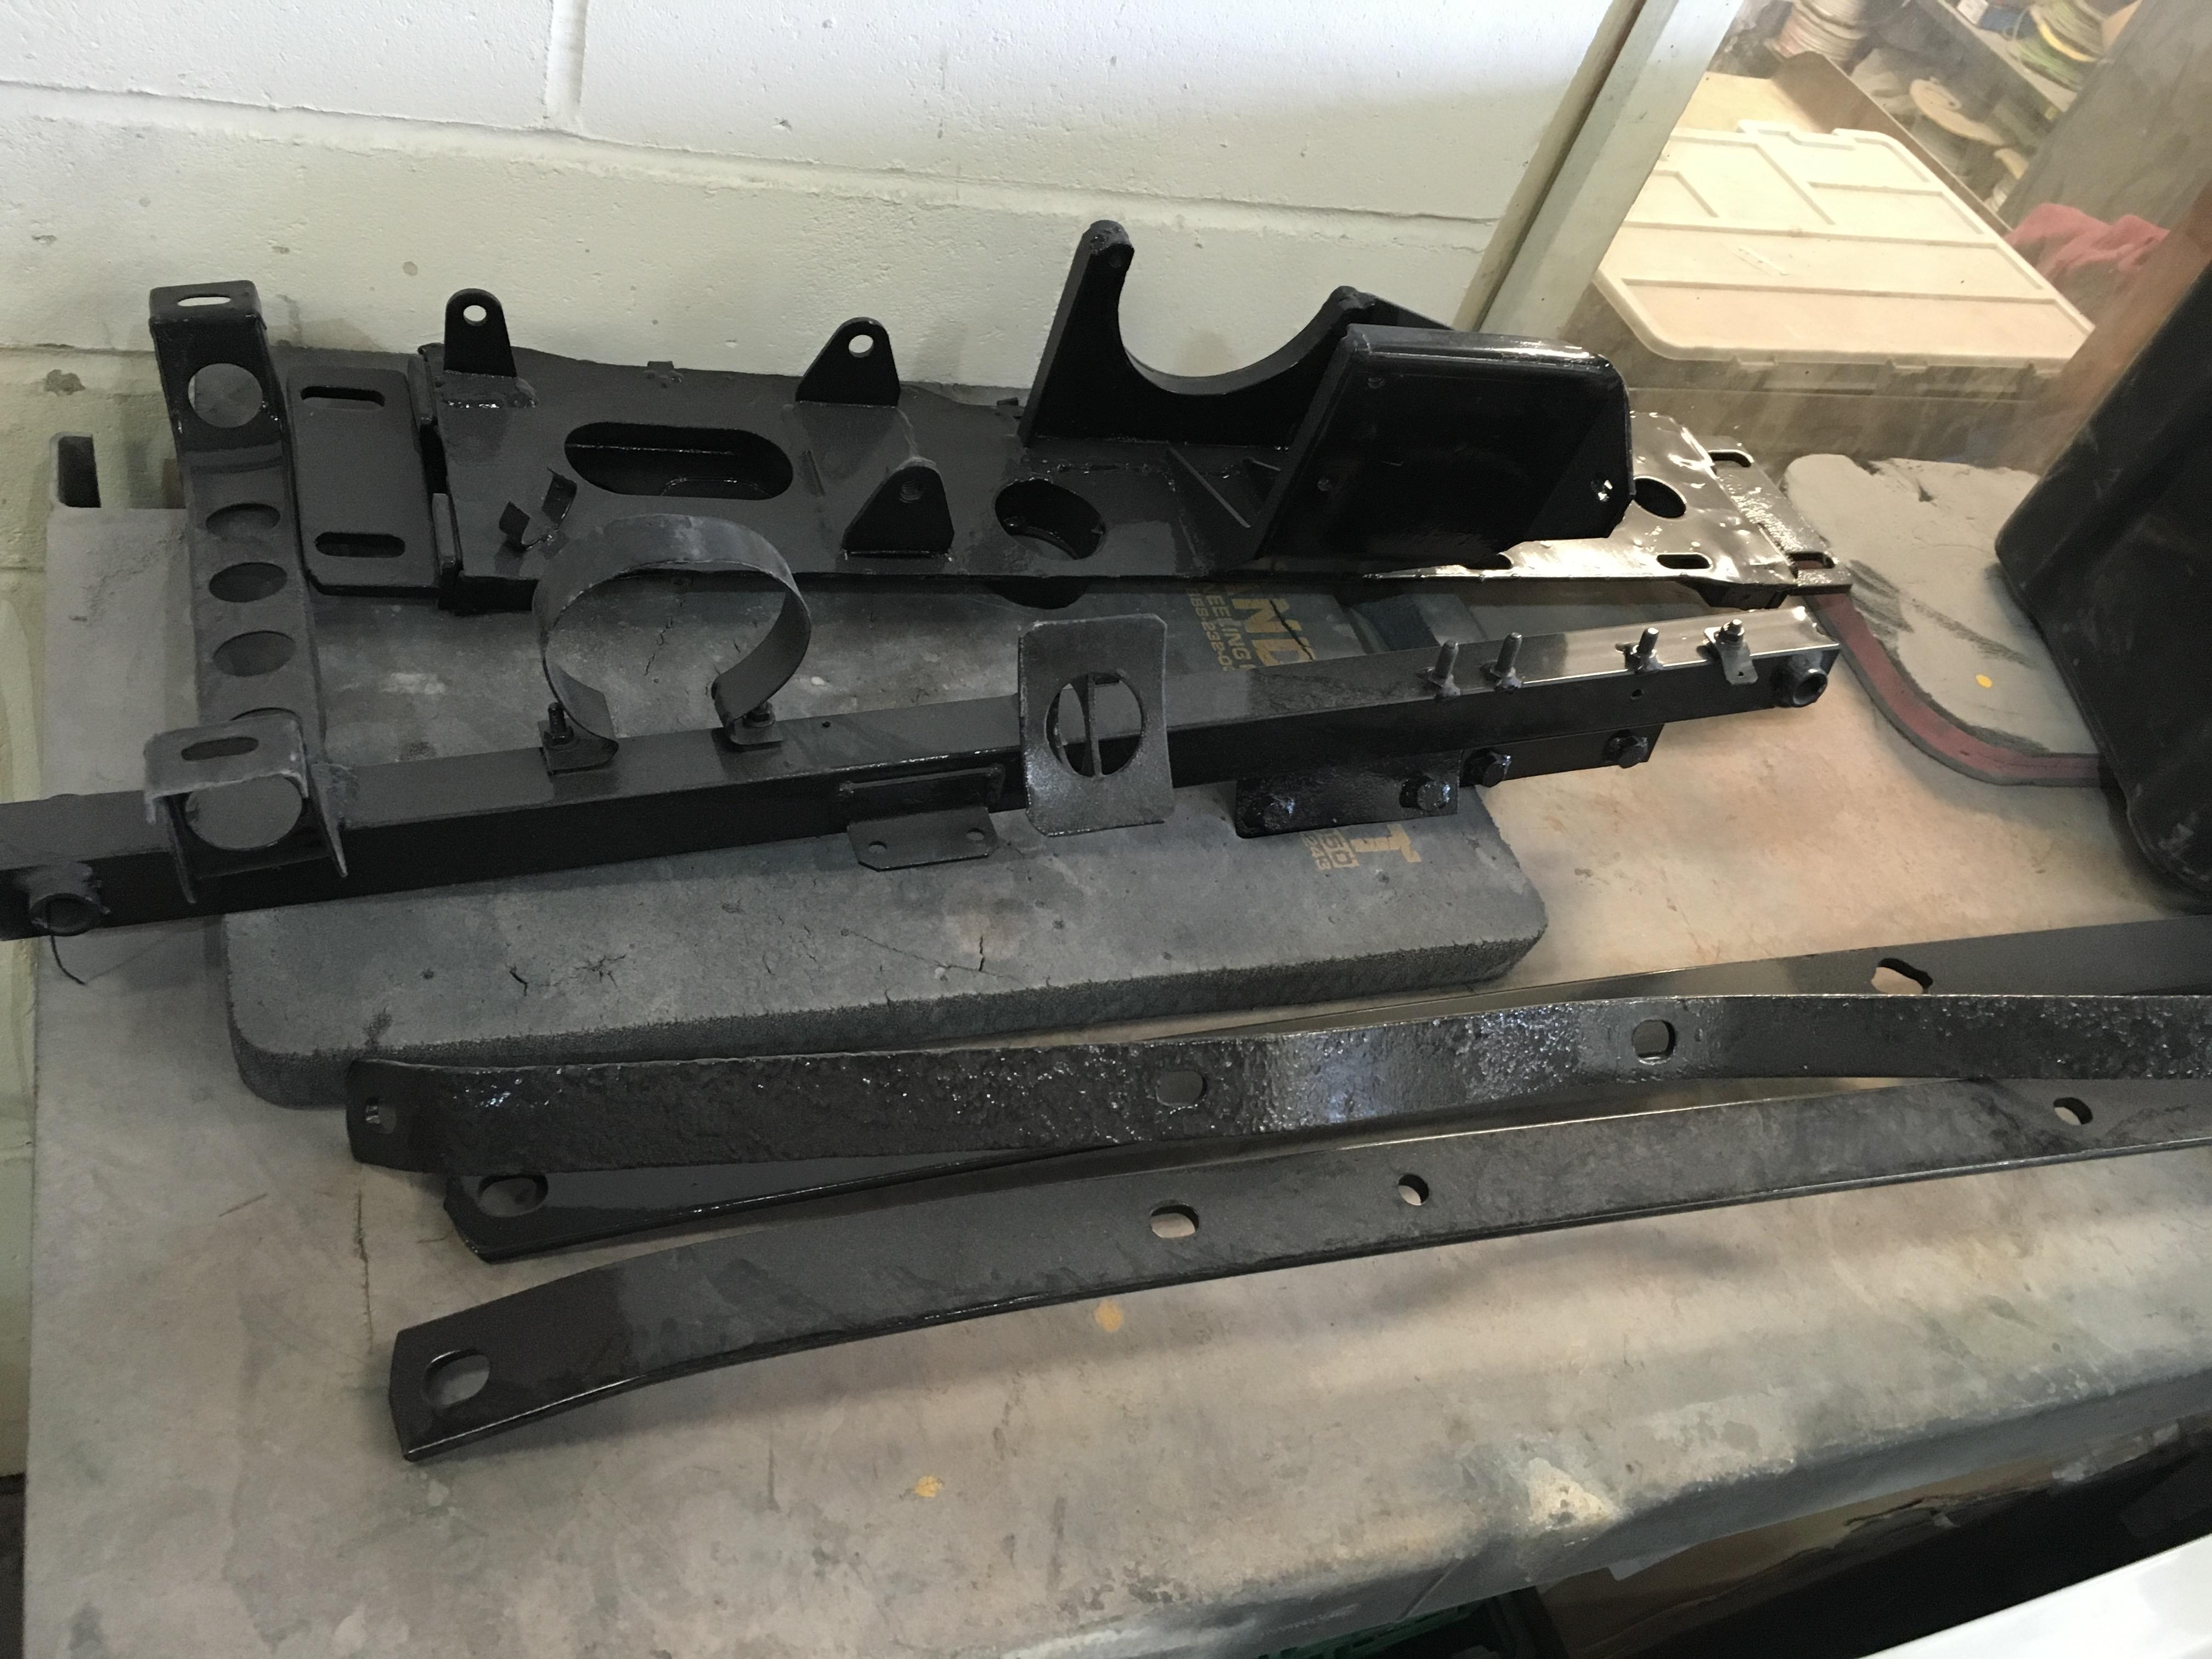 Maserati Merak parts at the paintshop